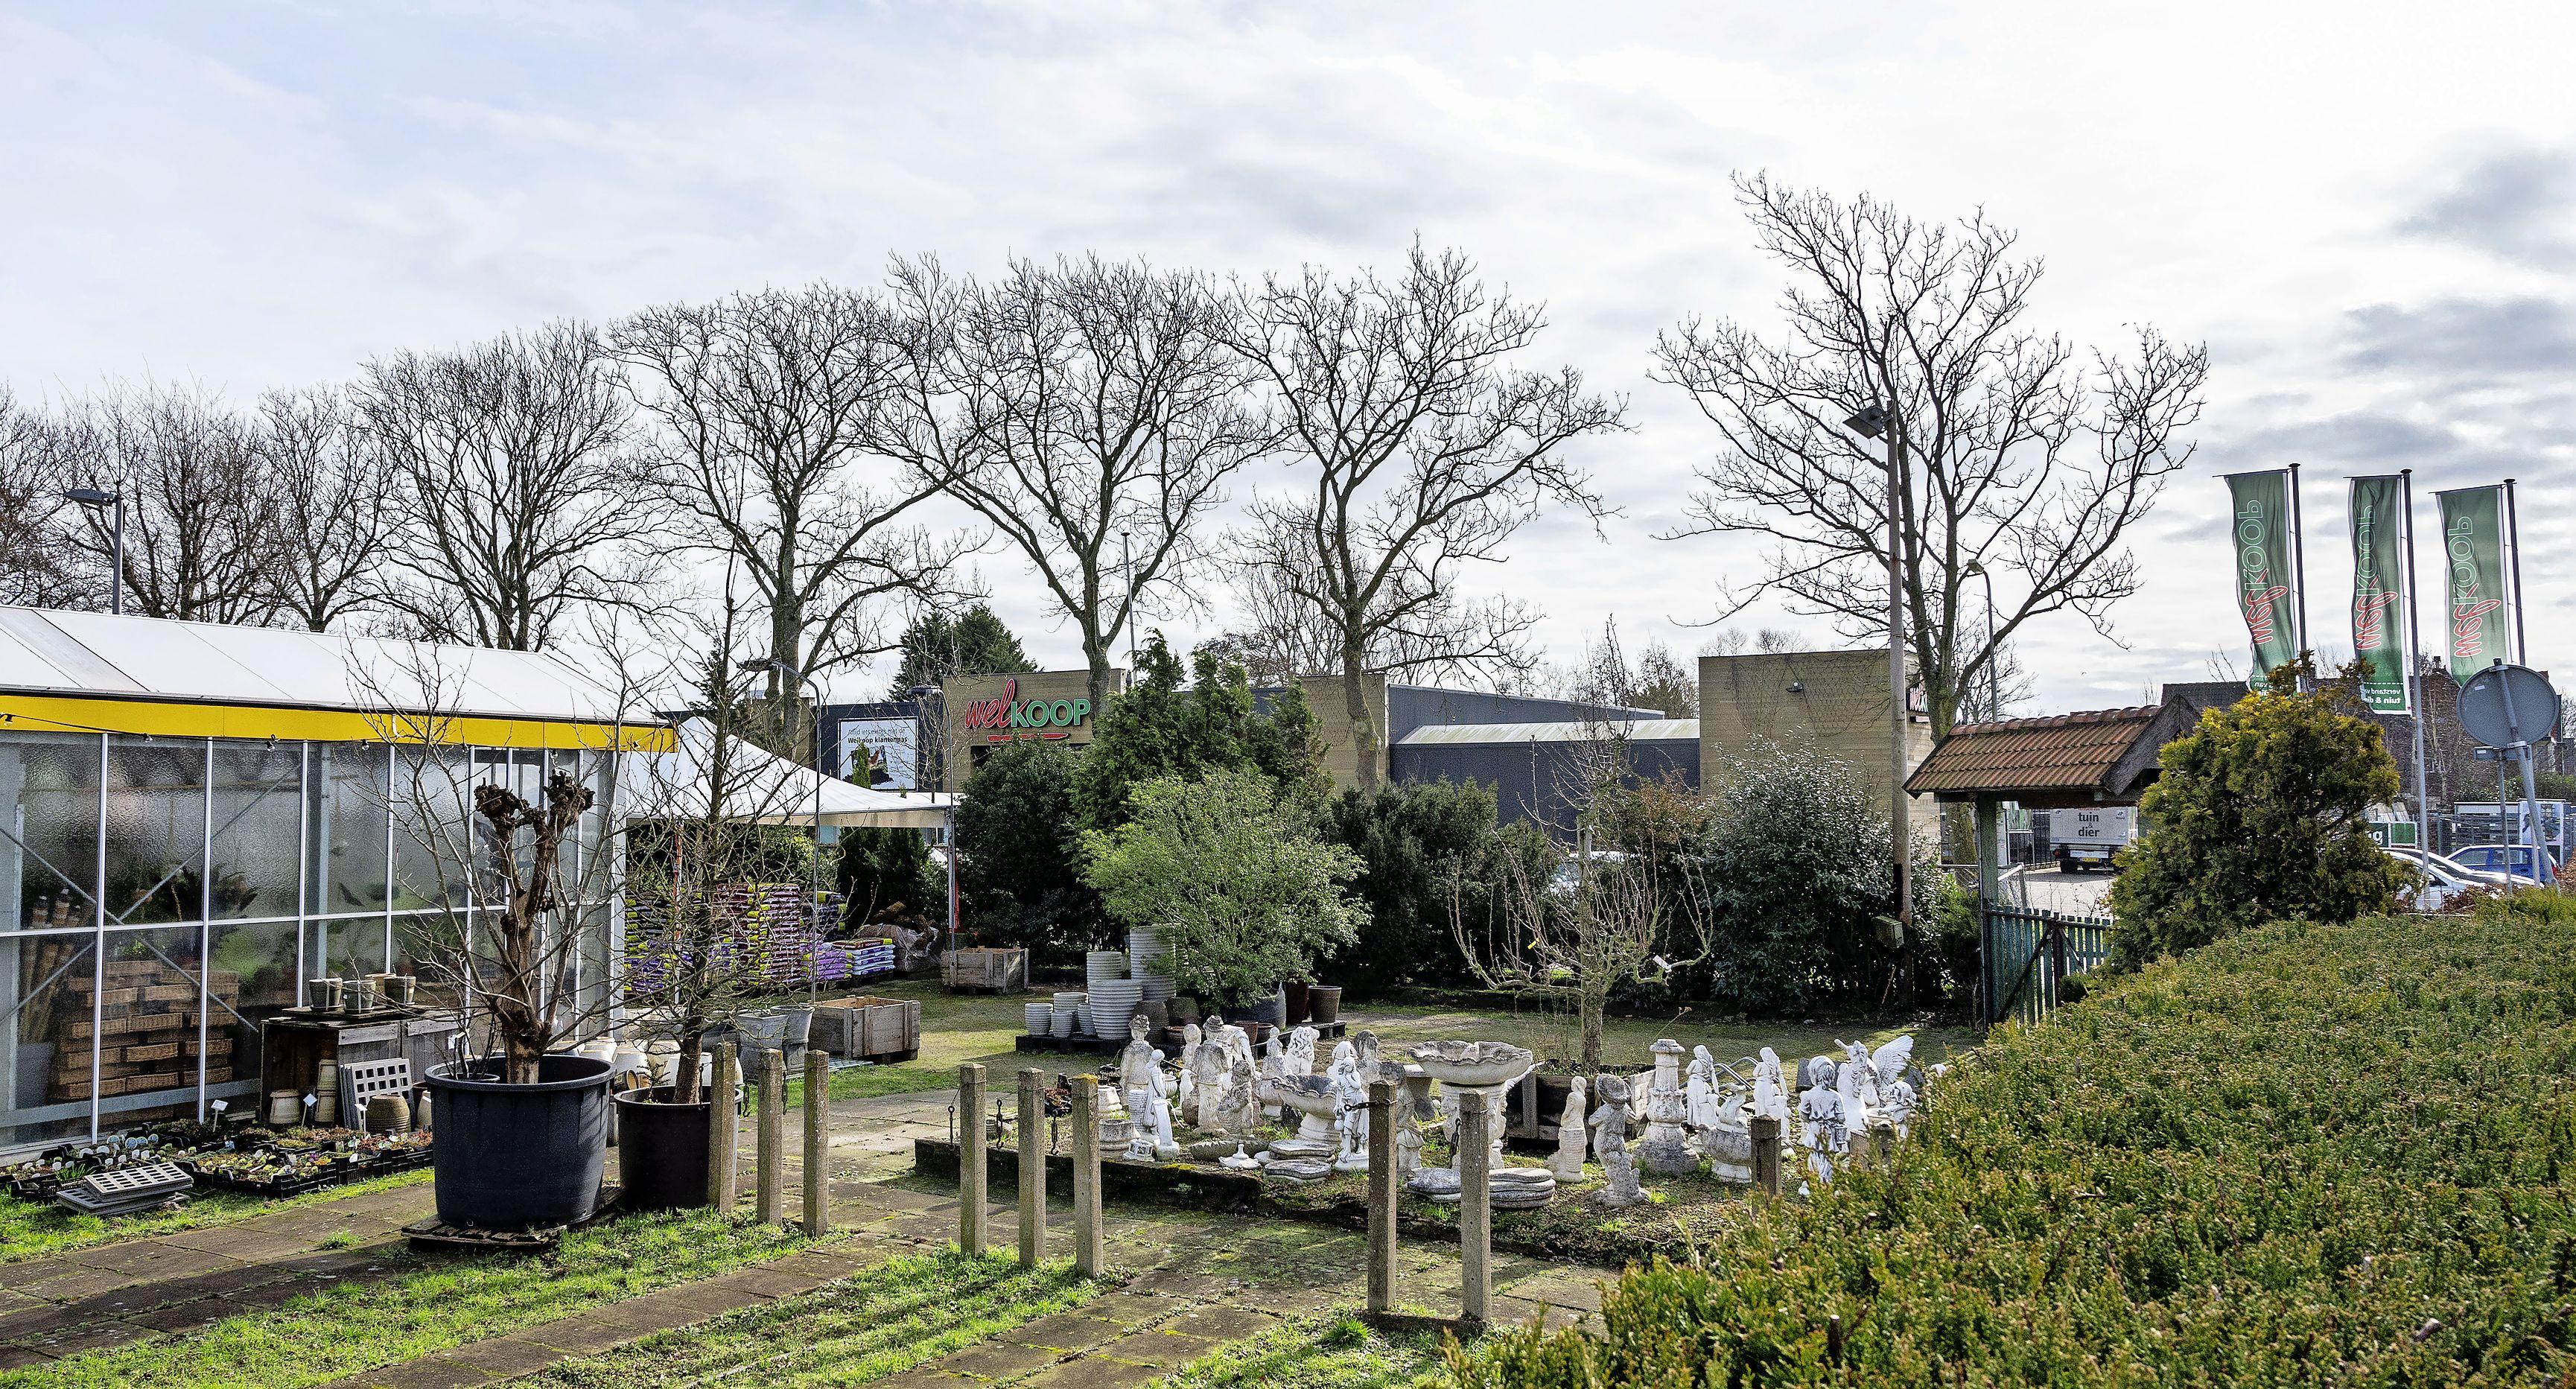 Rampzalig coronabeleid op de vierkante meter: Tuincentrum Henk Haan mag niets, buurman Welkoop in Santpoort-Noord alles